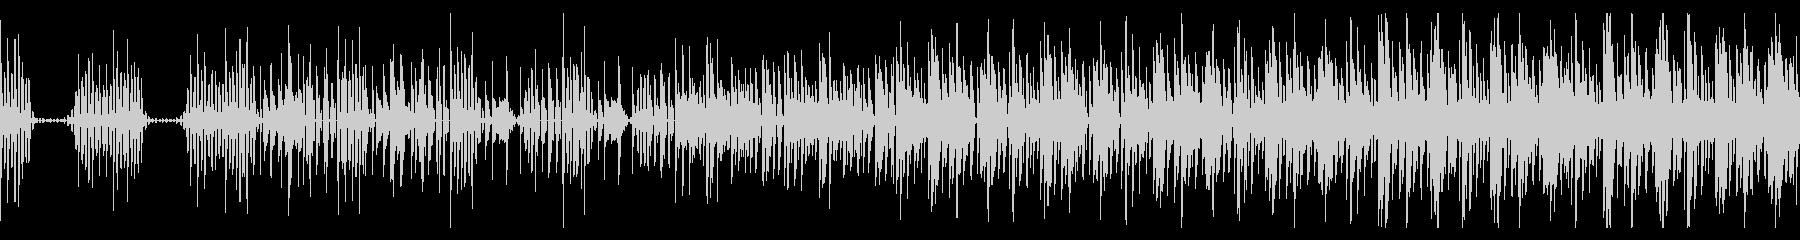 おしゃれでゆったりとしたエレクトロBGMの未再生の波形